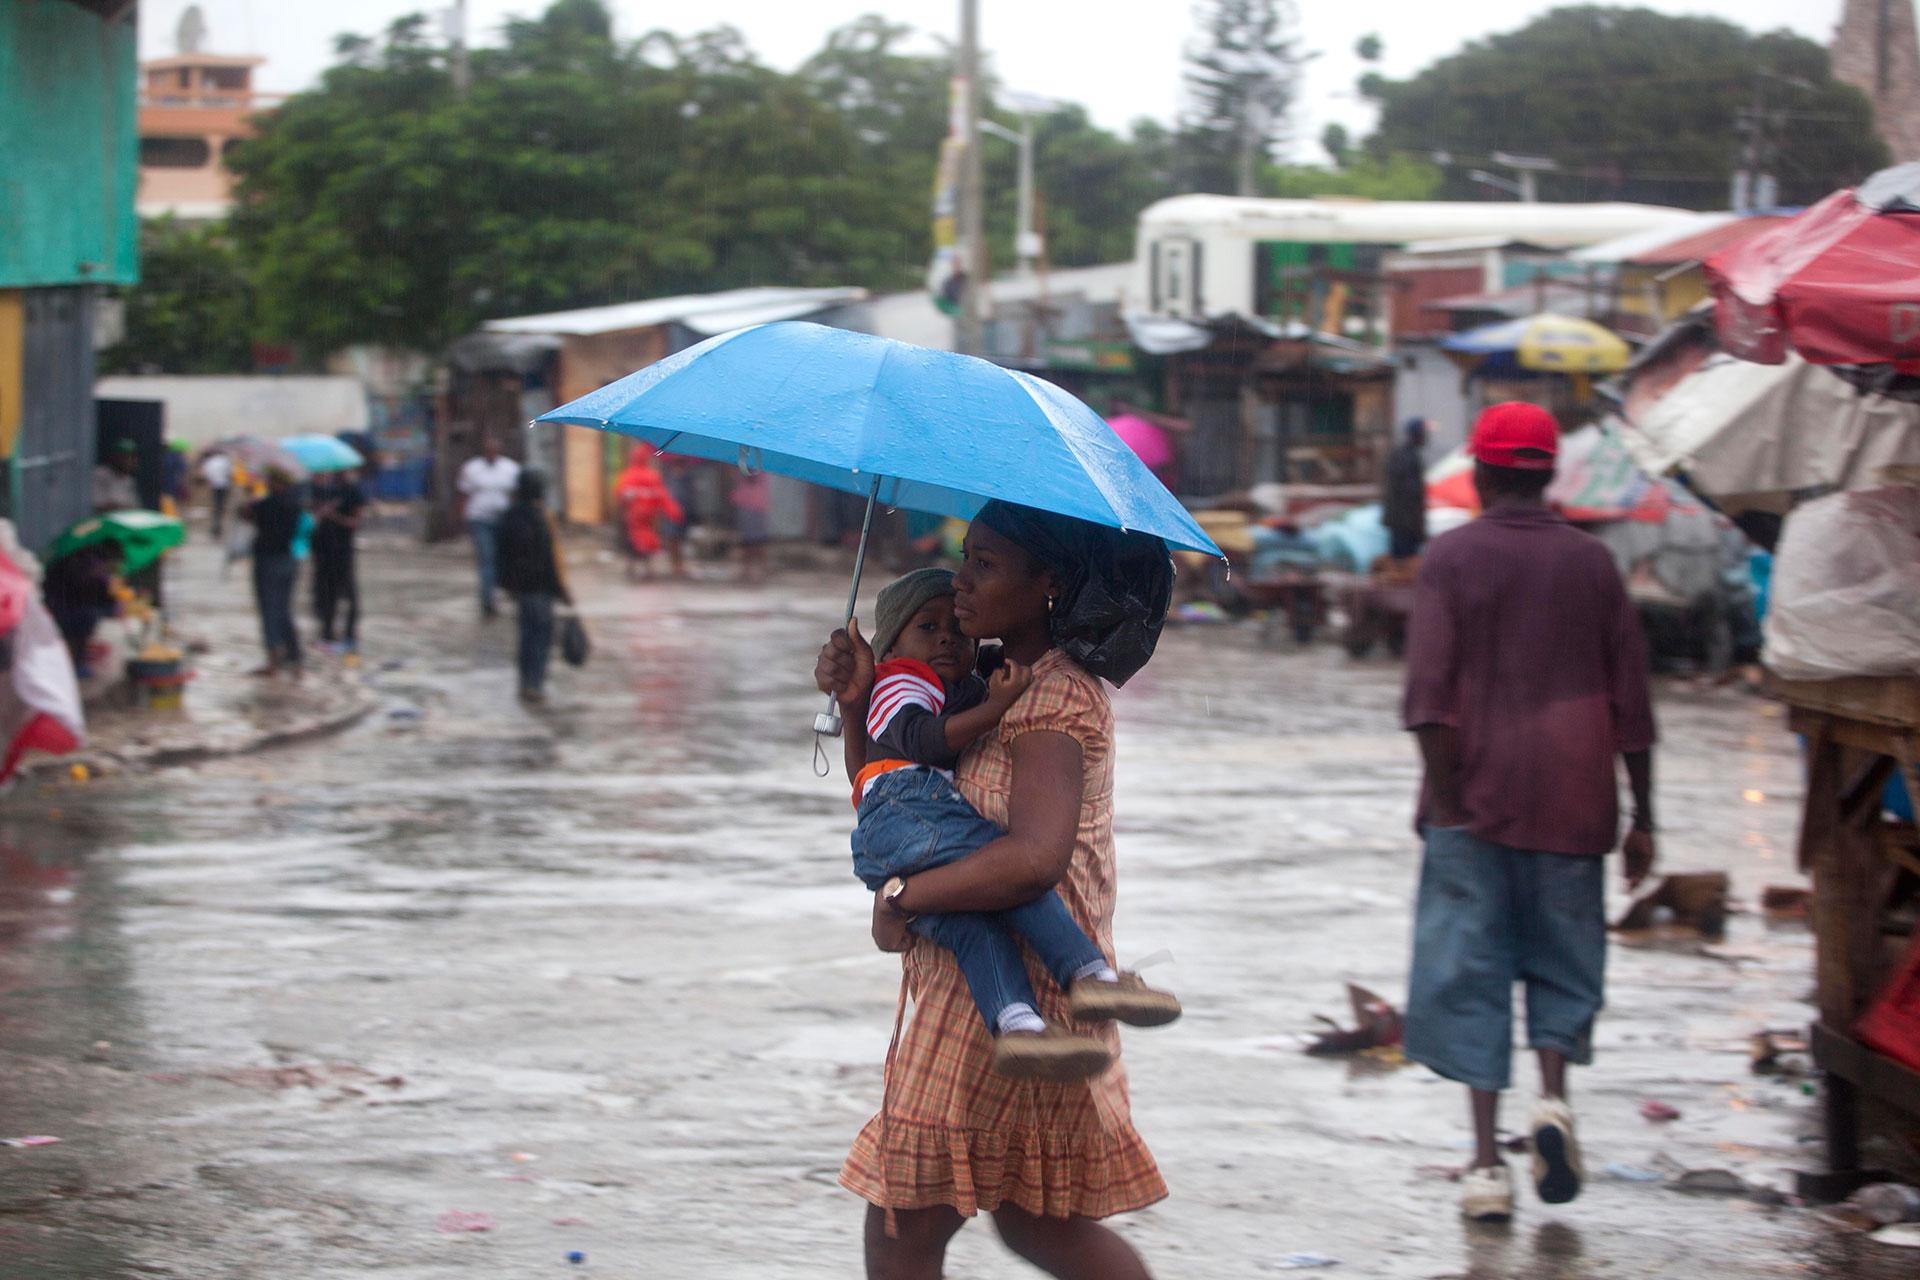 El poderoso huracán Matthew penetró en las últimas horas por el extremo suroriental de Cuba, donde ha golpeado severamente la provincia de Guantánamo con rachas de vientos de hasta 300 kilómetros por hora (AP)